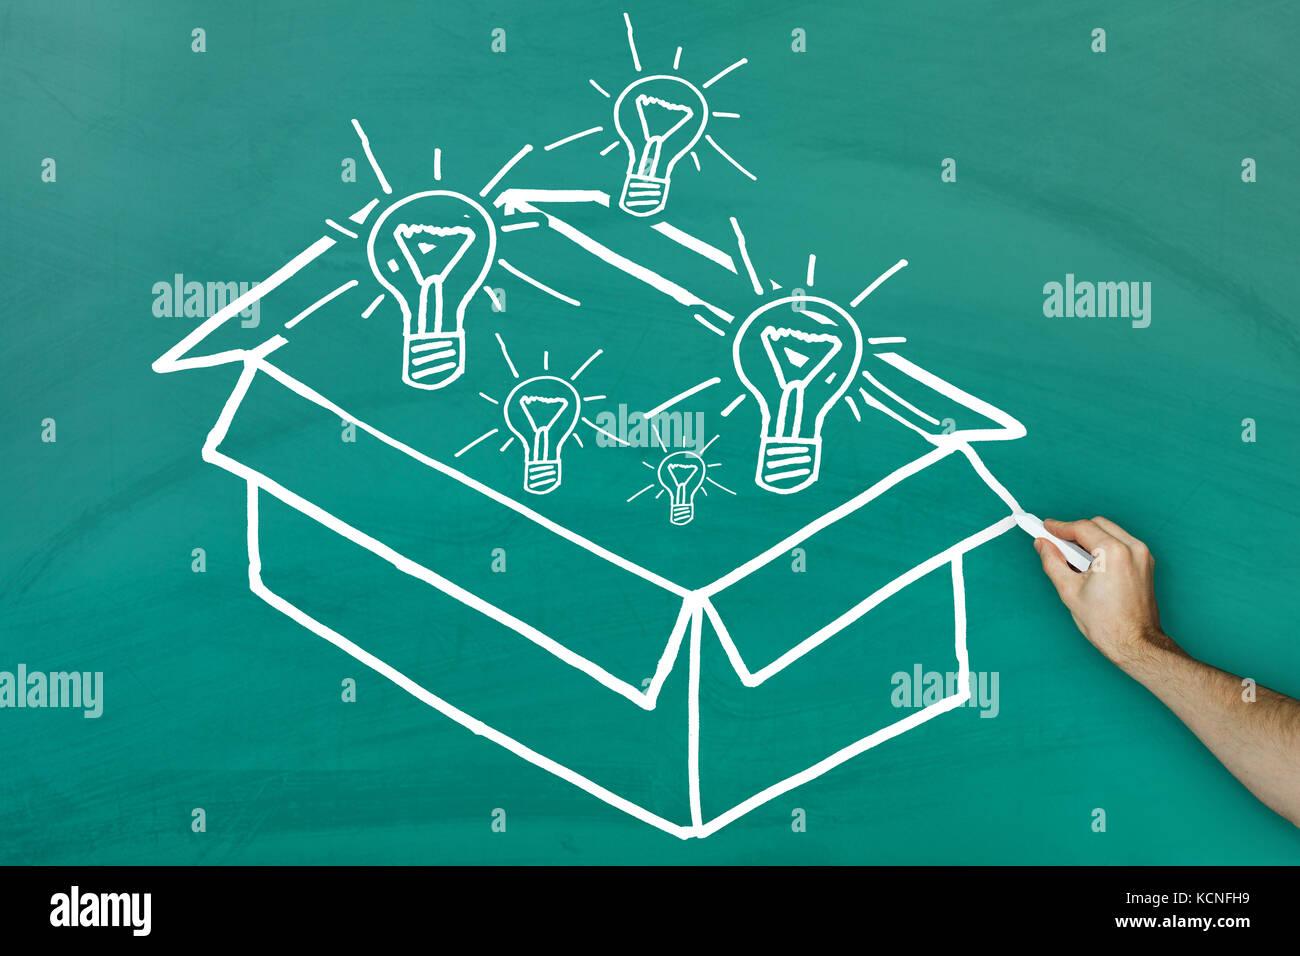 Ideas fuera de la caja en concepto de pizarra verde Imagen De Stock